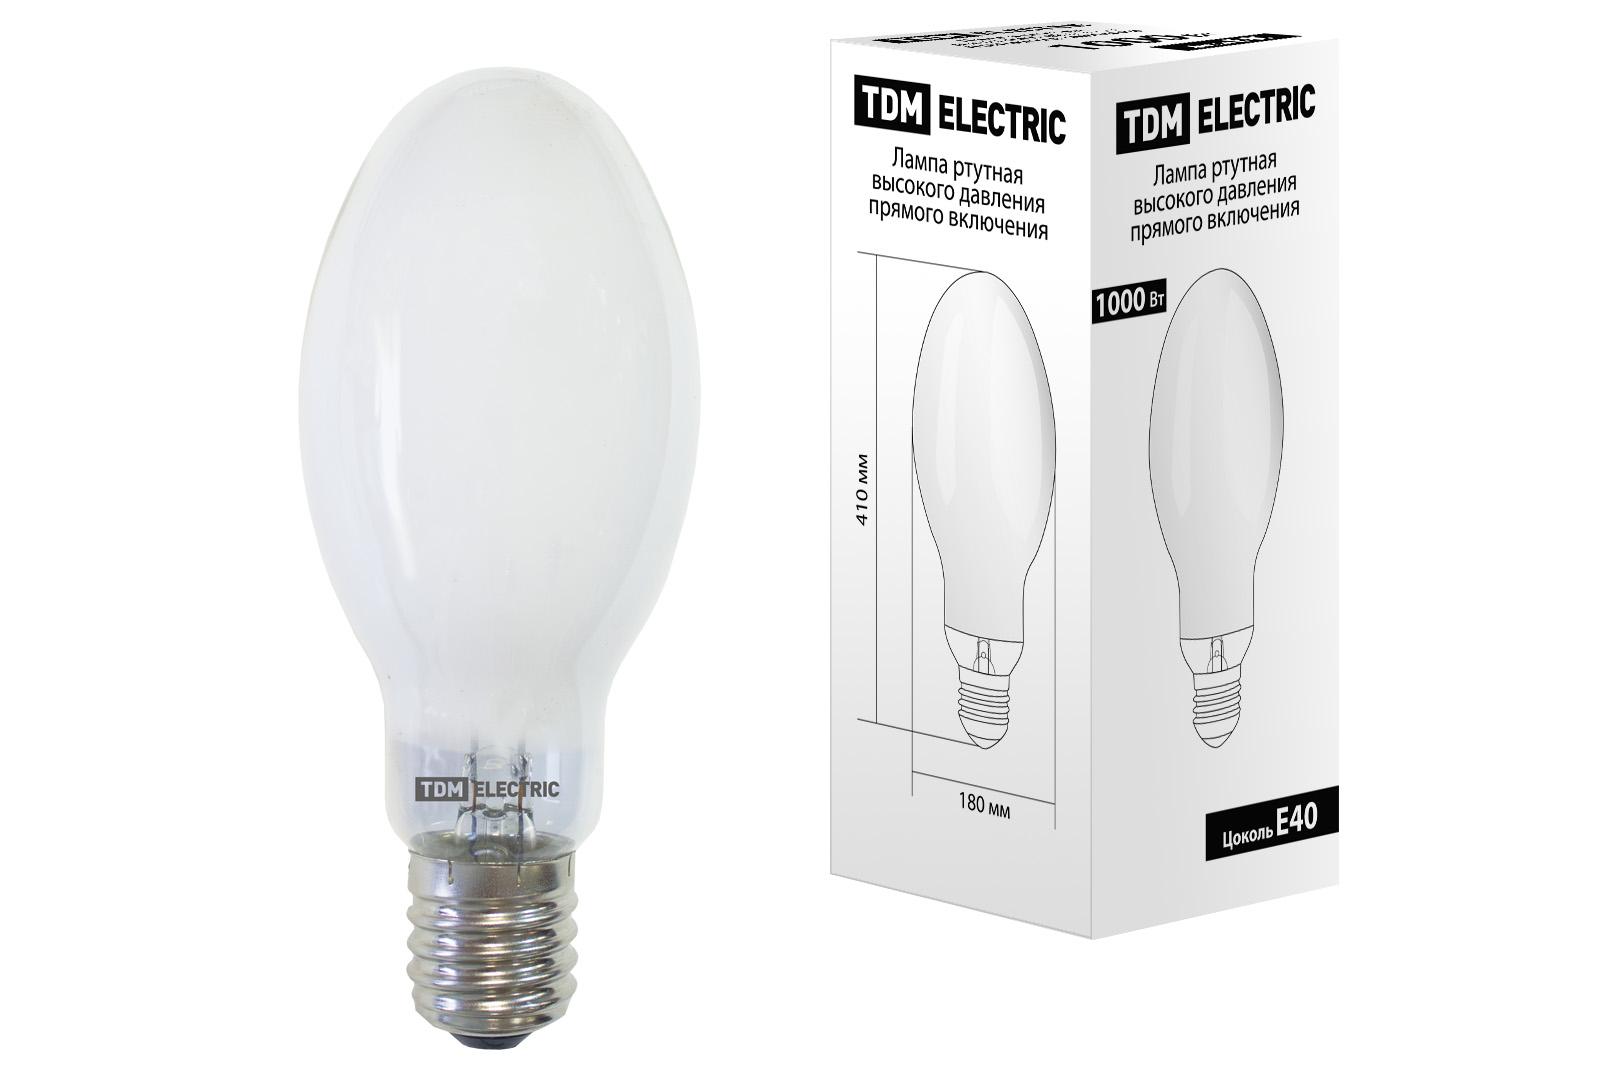 Лампа ртутная высокого давления ДРЛ 1000 Вт Е40 TDM SQ0325-0025 TDM Electric